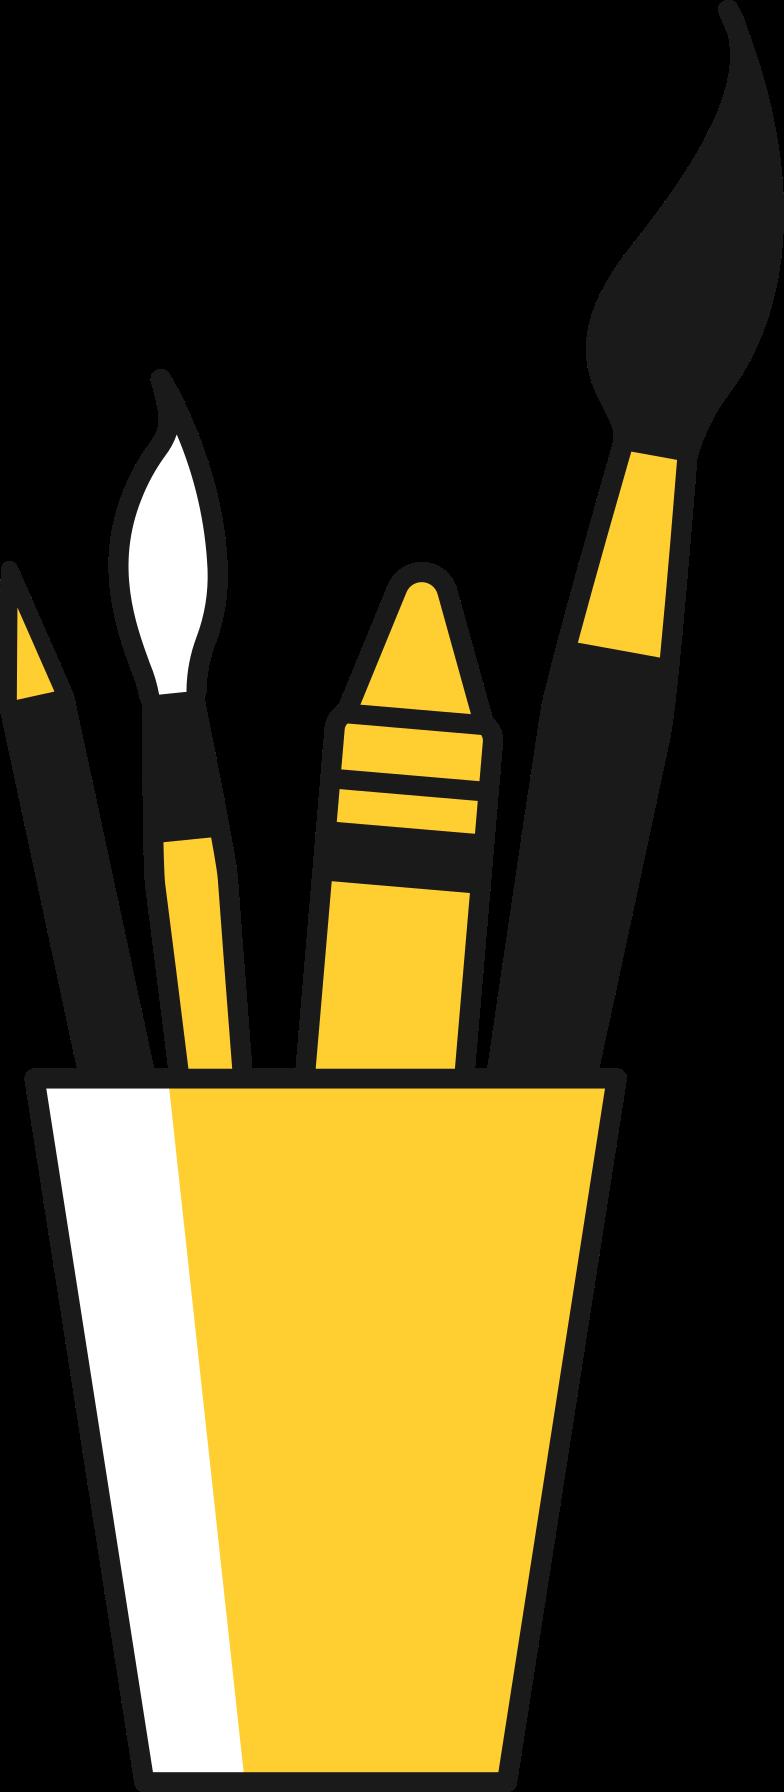 Copo de material de arte Clipart illustration in PNG, SVG